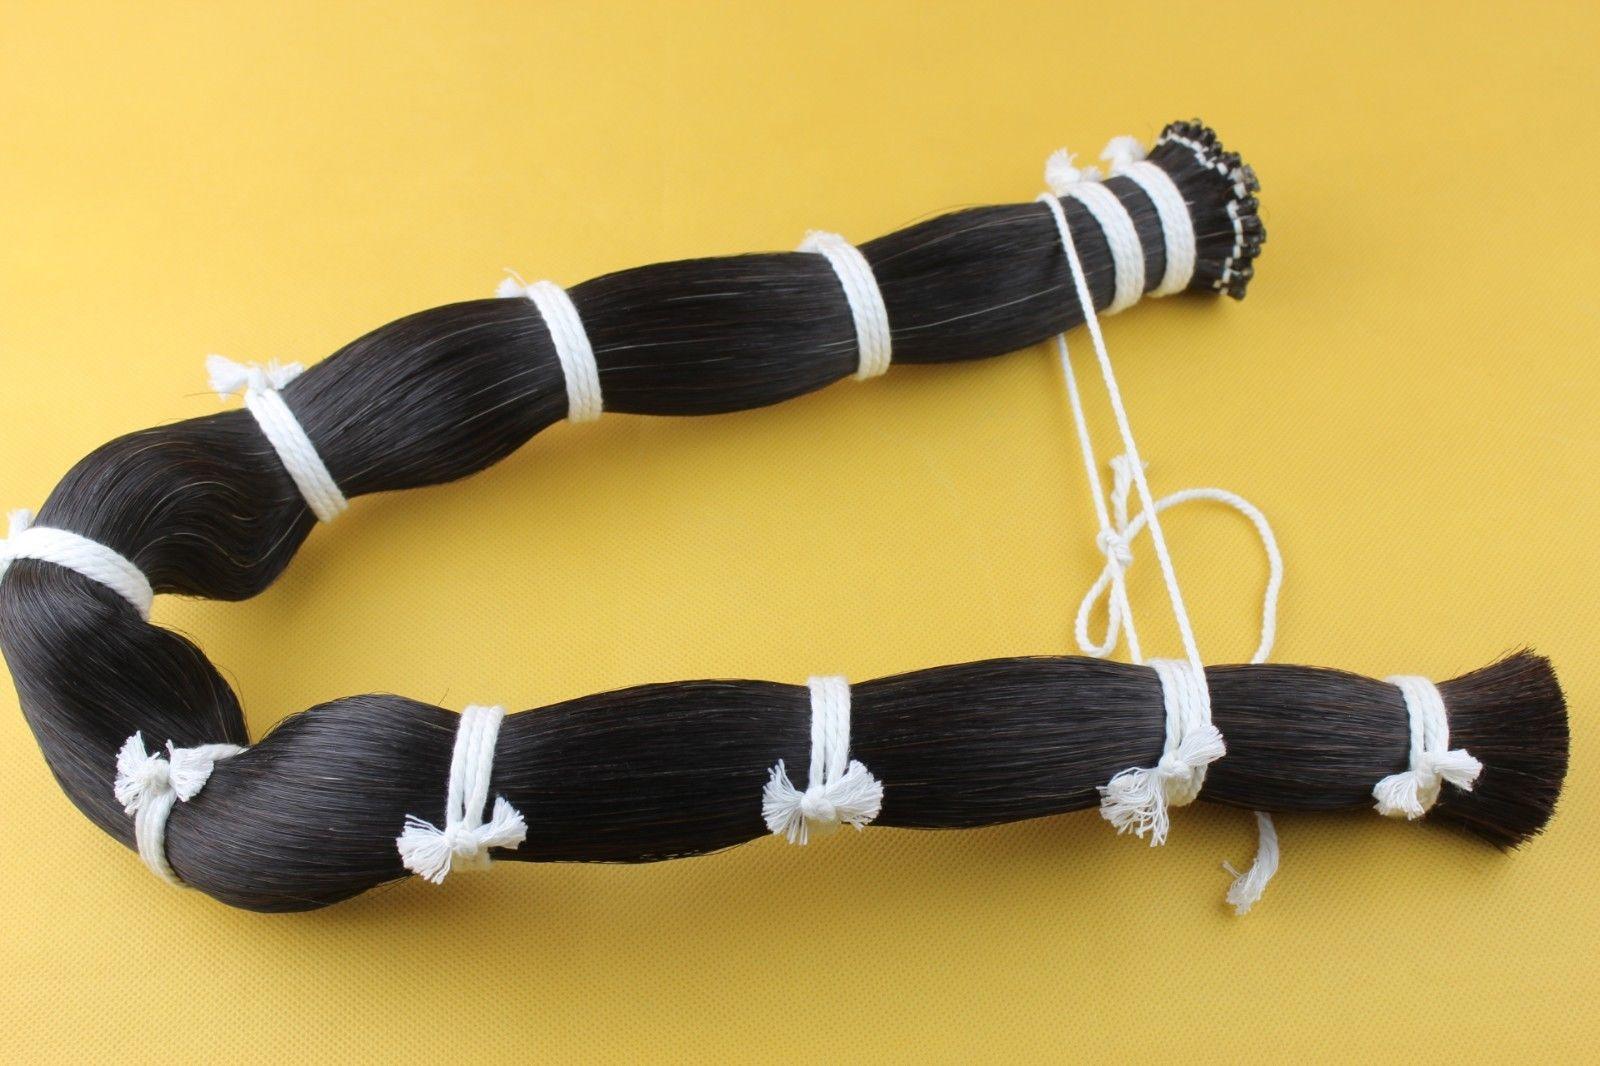 1Kg cheveux de cheval noir queue de cheval cheveux arc etalons cheval